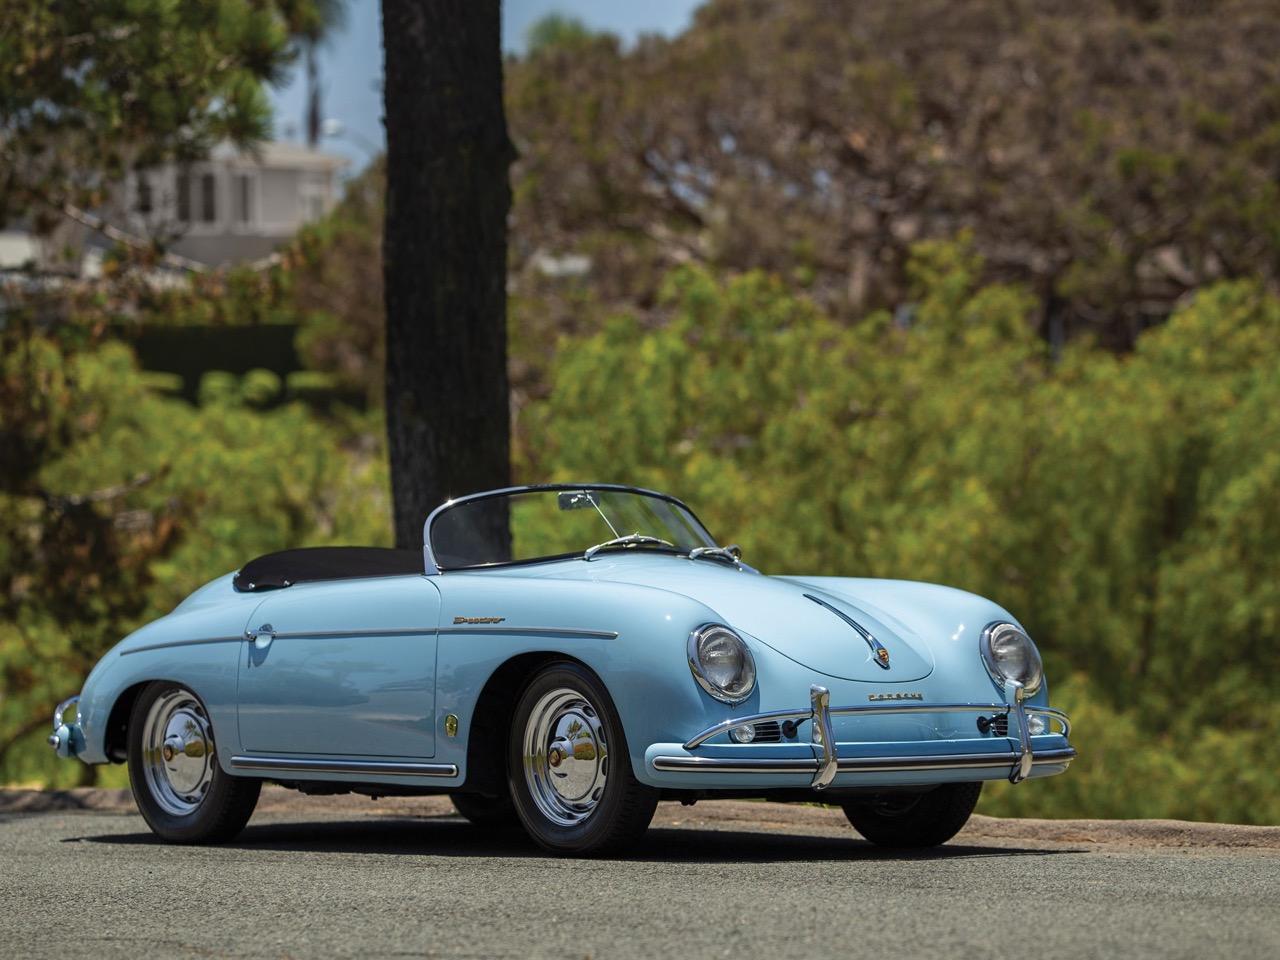 '58 Porsche 356 A 1600 Speedster : Episode 1 ! 34